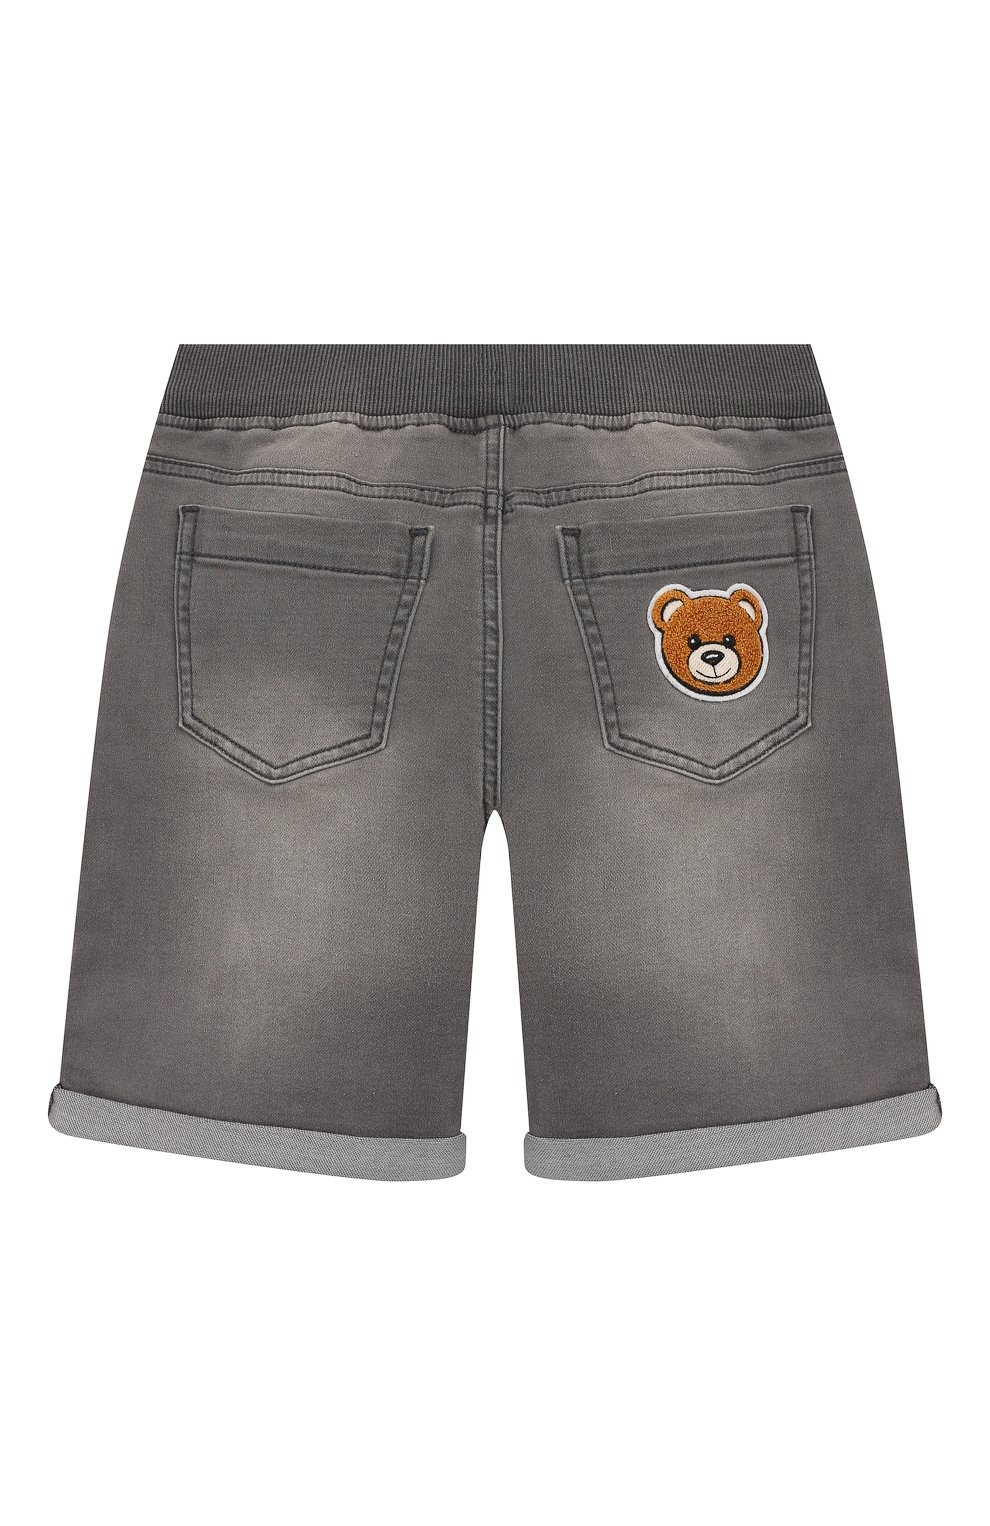 Moschino Moschino - Shorts